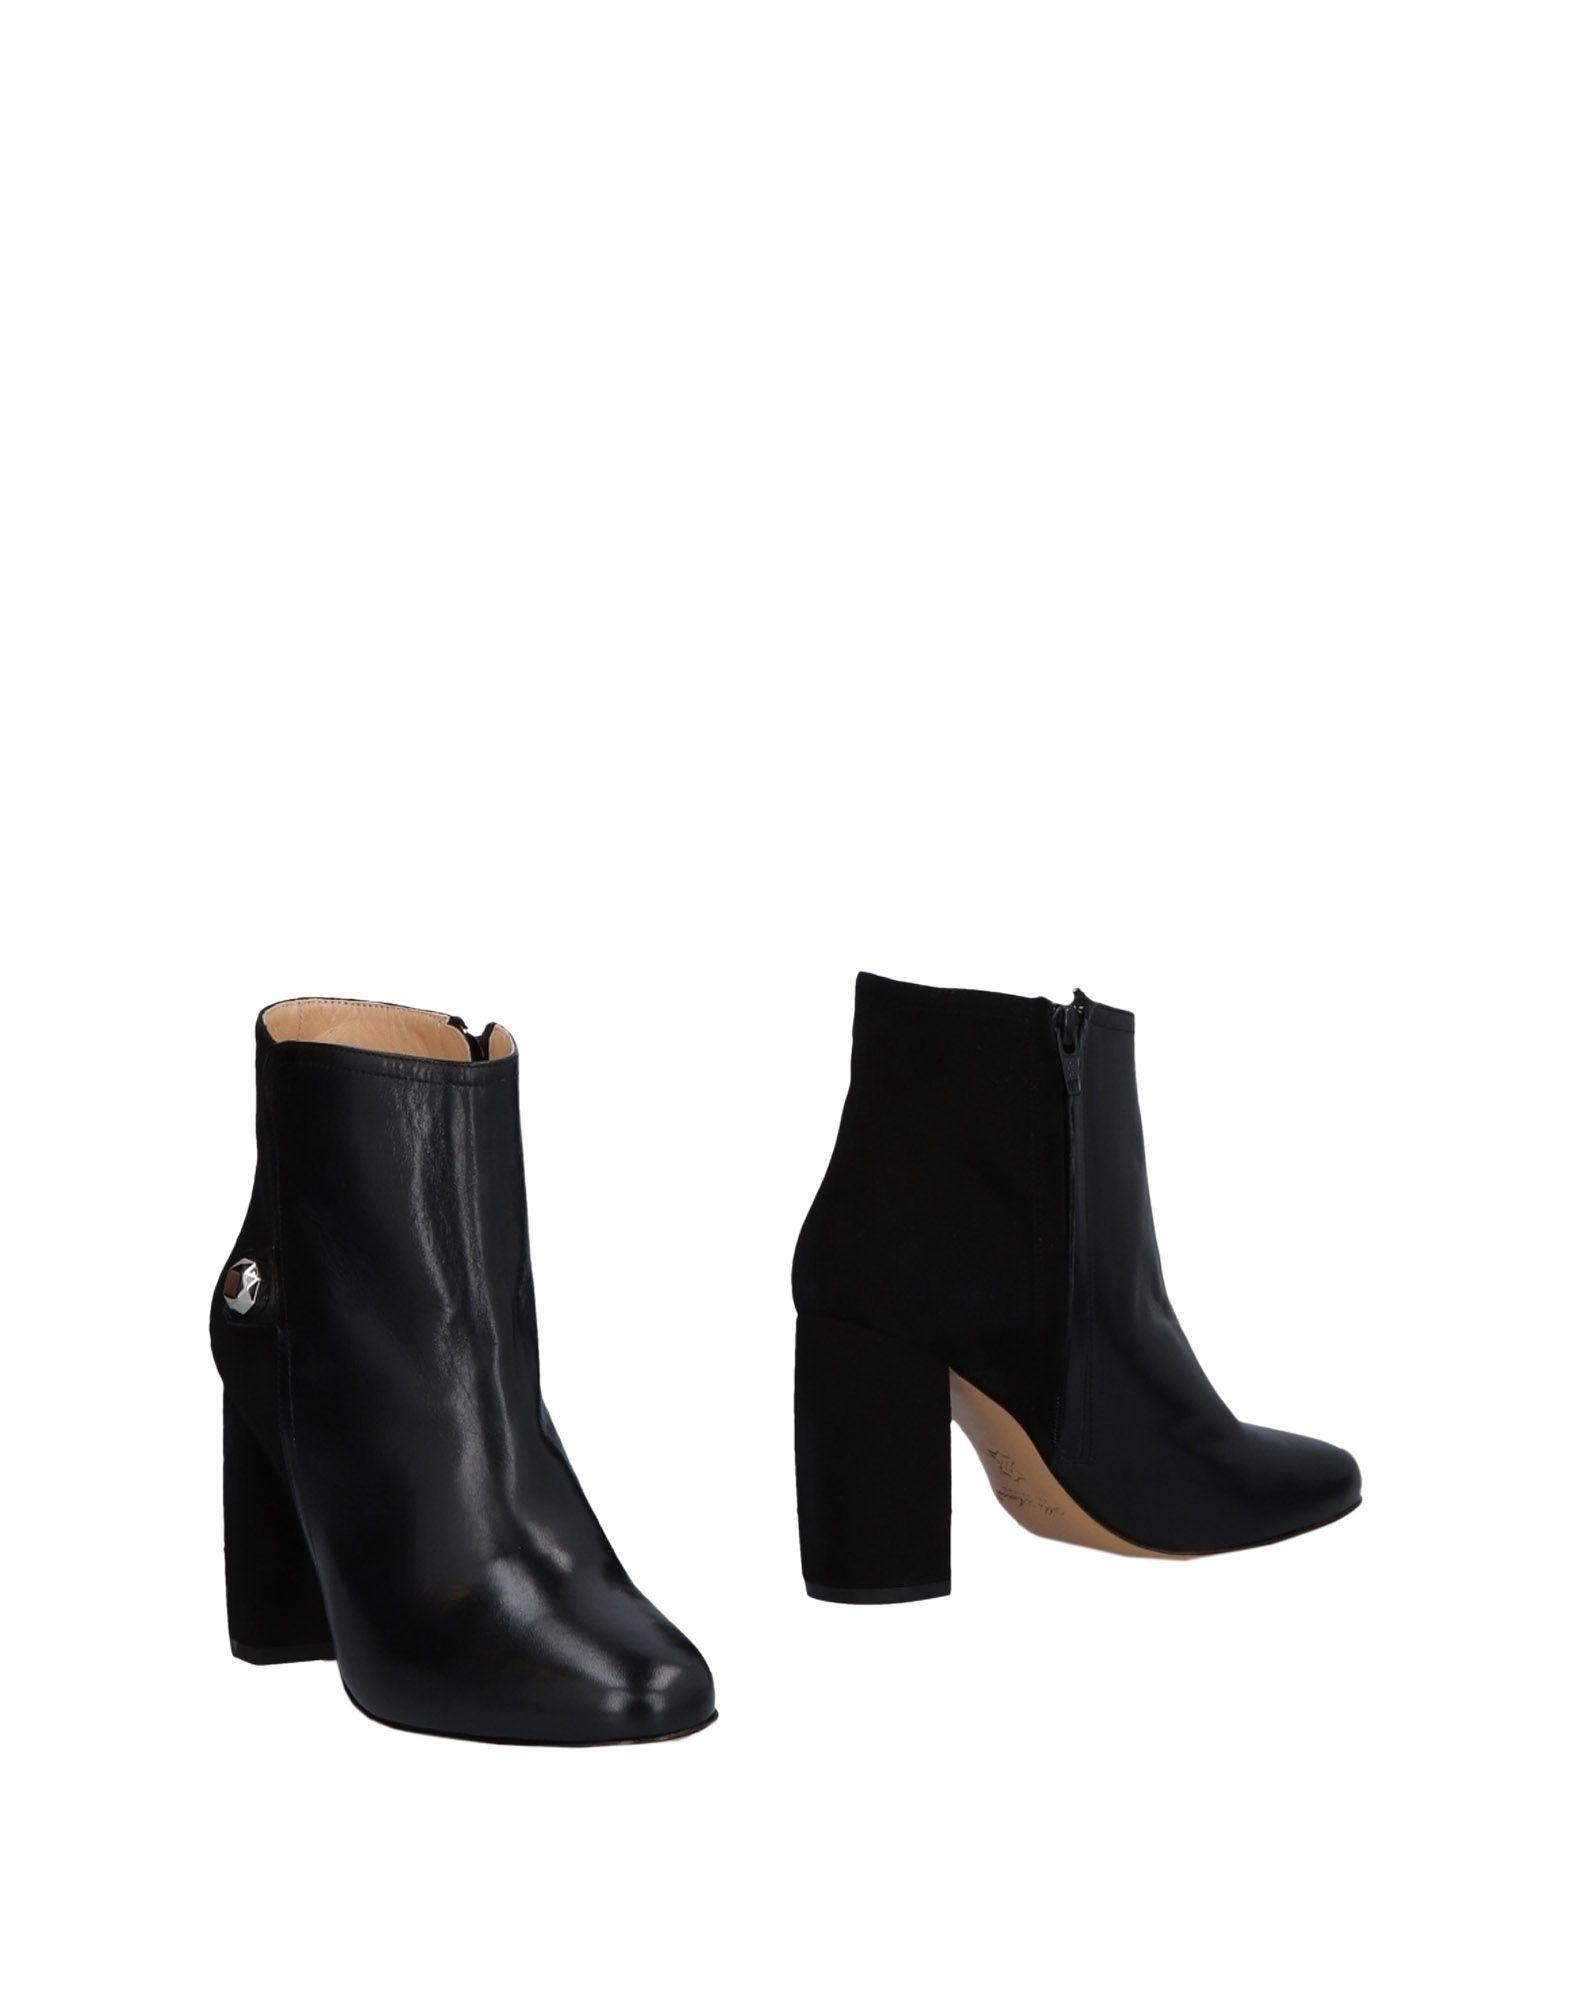 Mi Amor Stiefelette Damen    11459335AK Gute Qualität beliebte Schuhe 810030